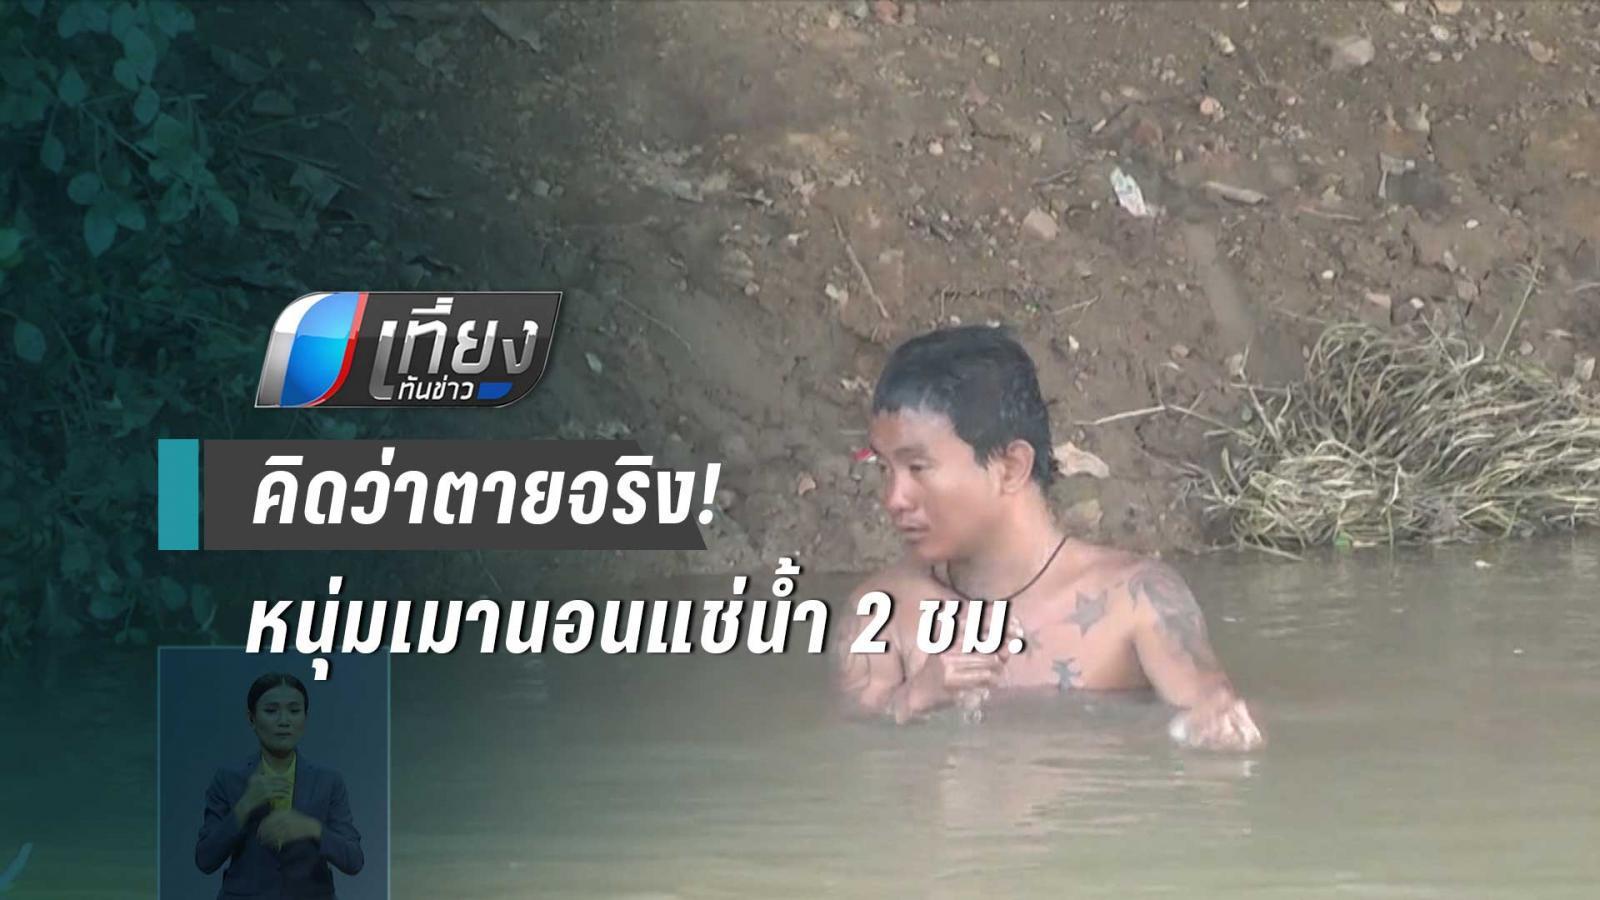 ชาวบ้านแจ้งเหตุพบคนตายในน้ำ กู้ภัยช็อคหนุ่มลืมตา ที่แท้เมานอนแช่คลายร้อน